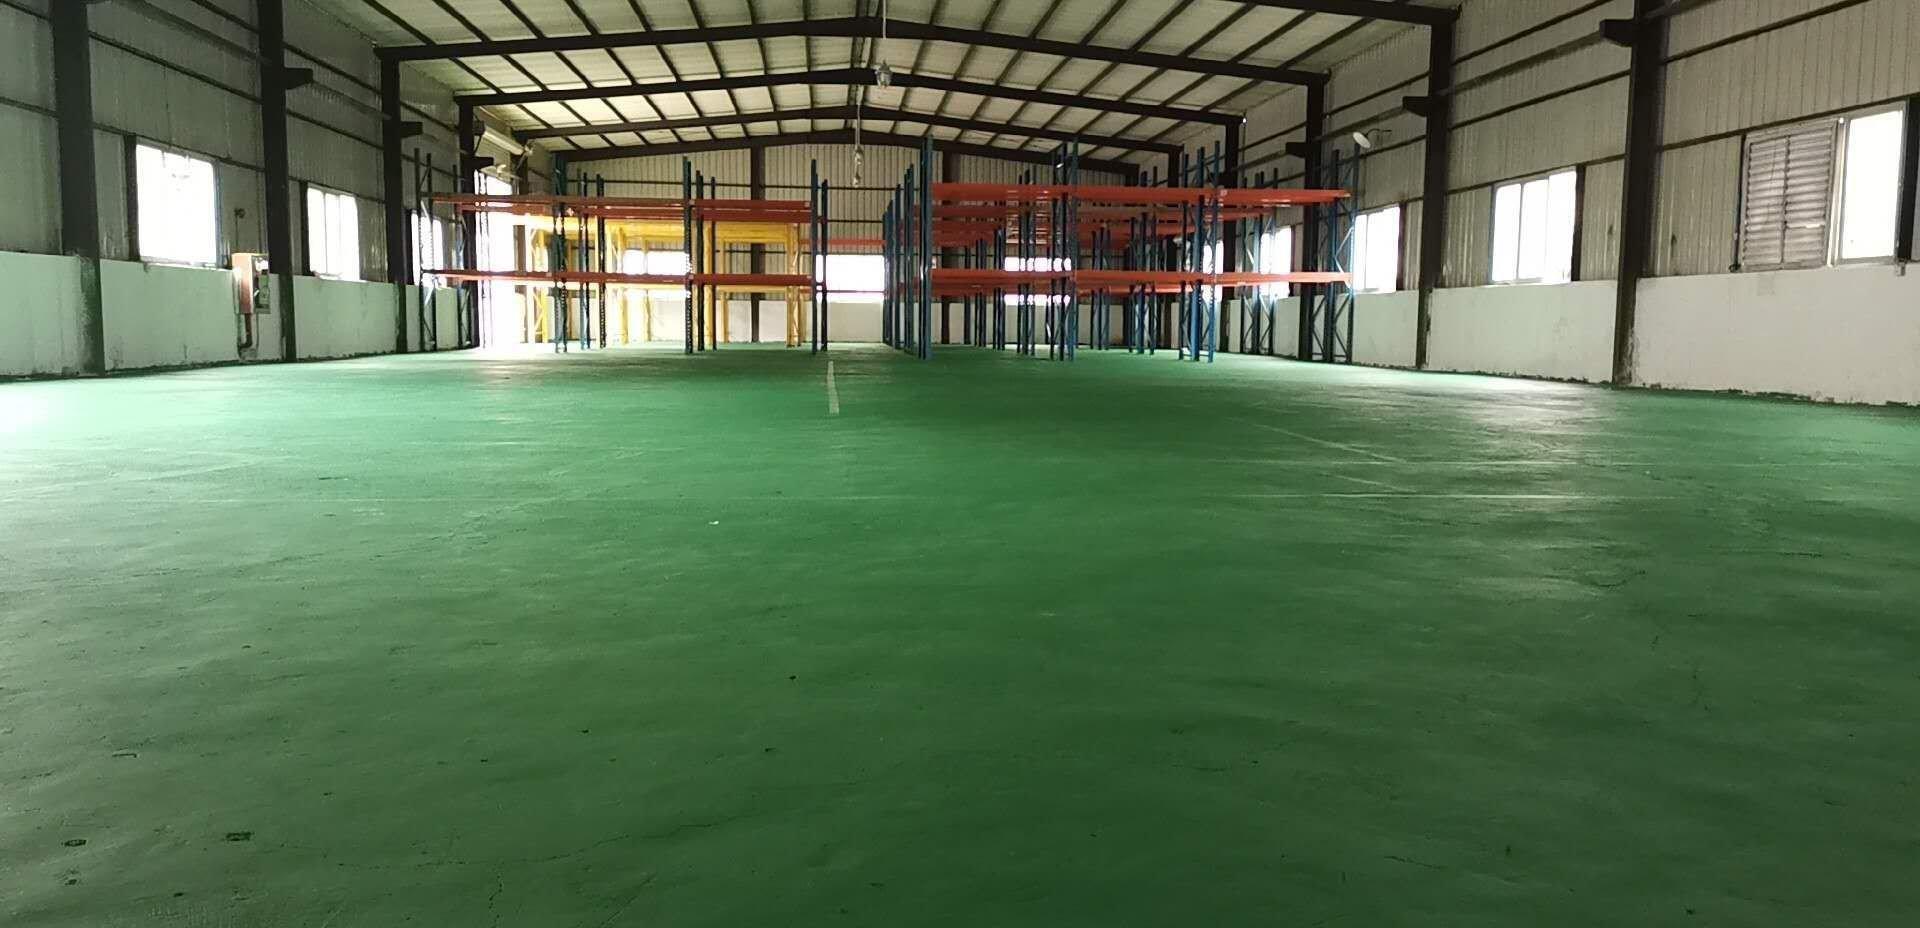 观澜清平高速出口仓库出租独栋独院厂房1500平,全新地坪漆。